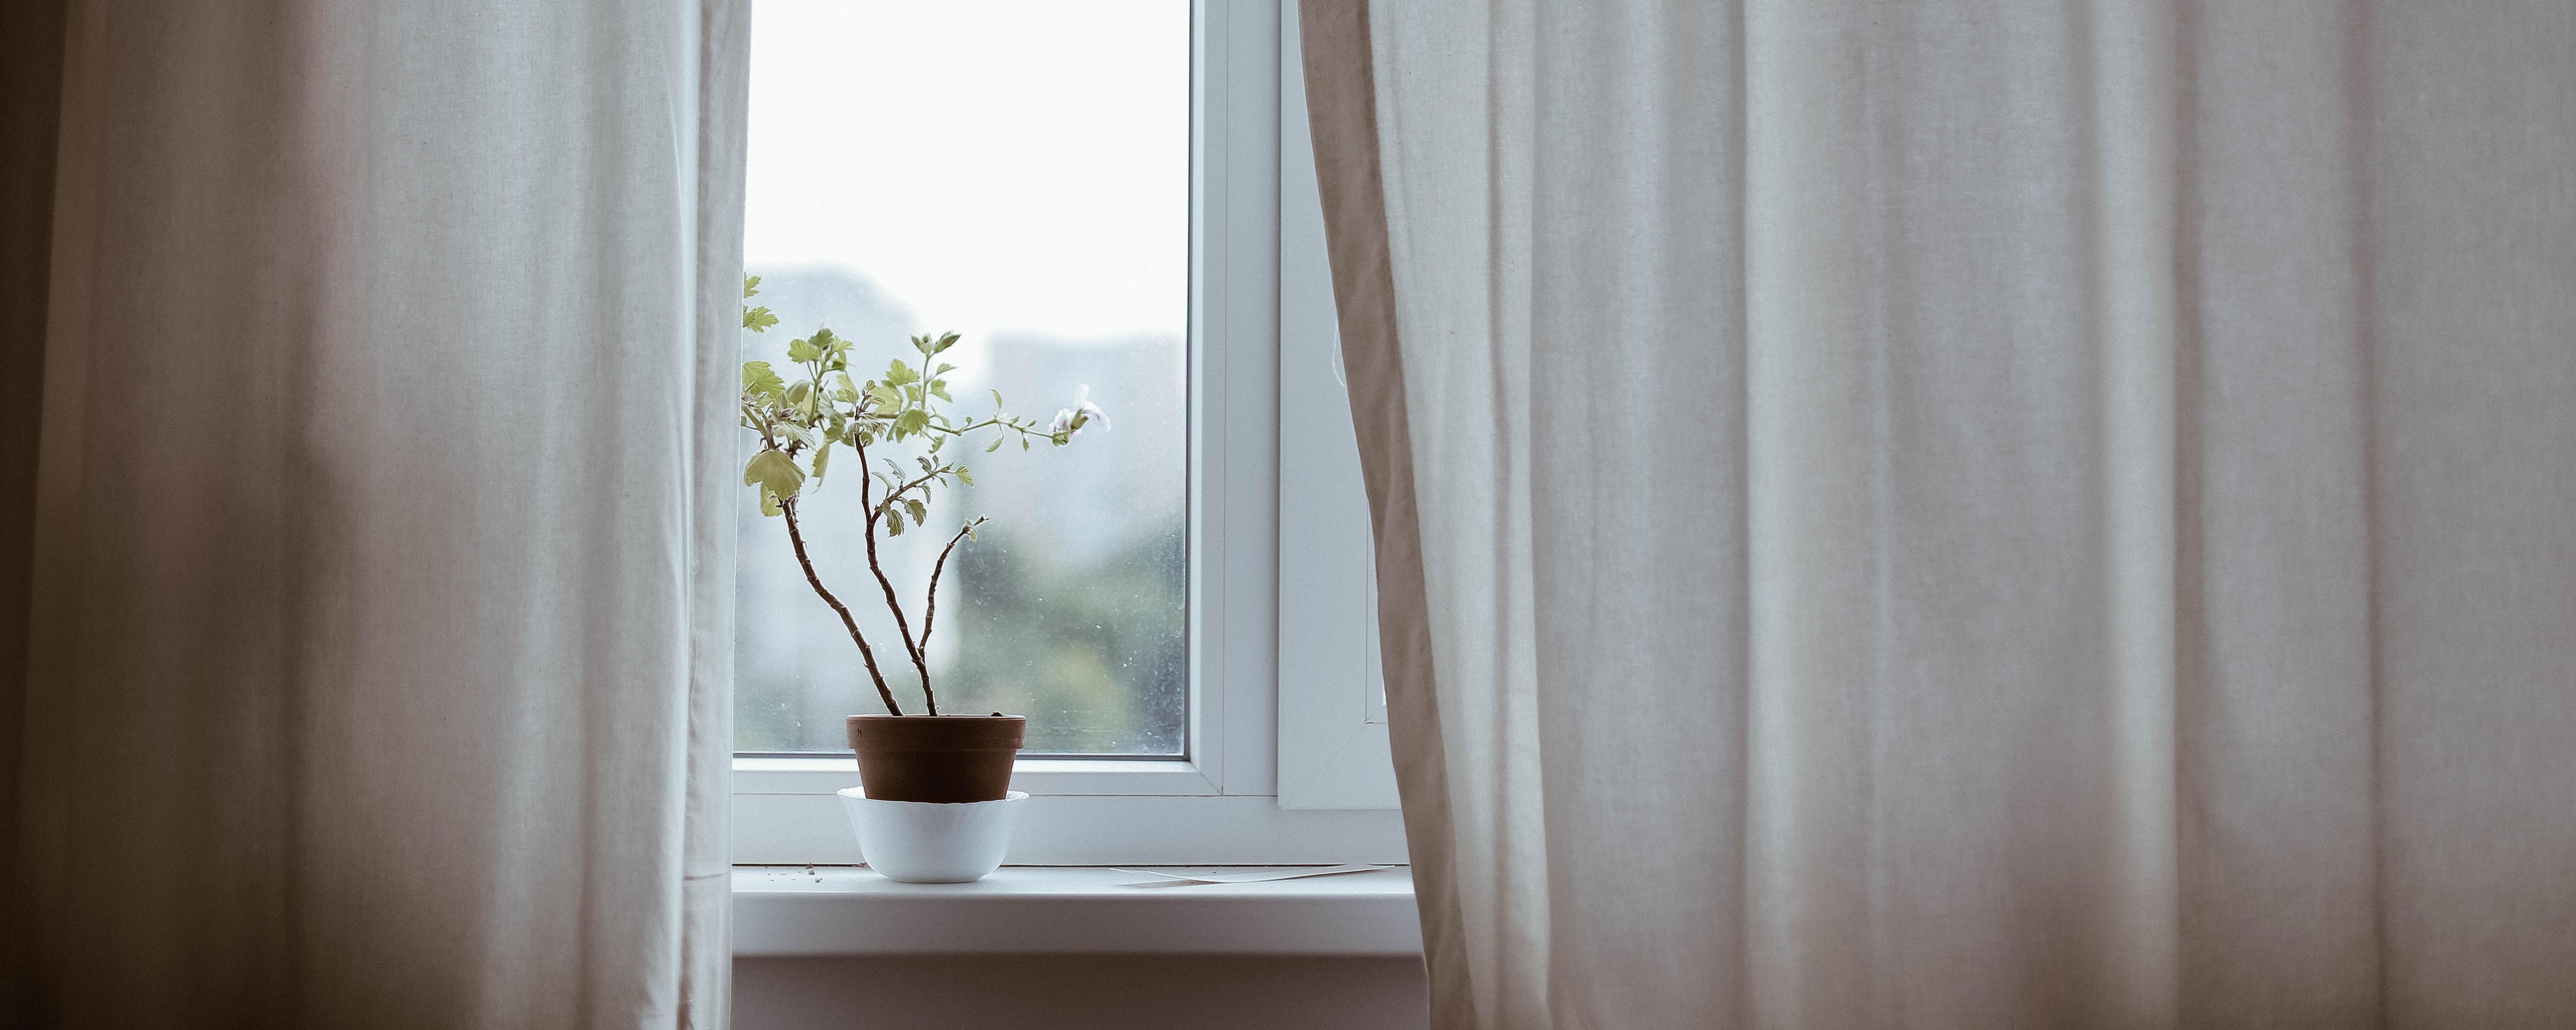 desk window.jpg